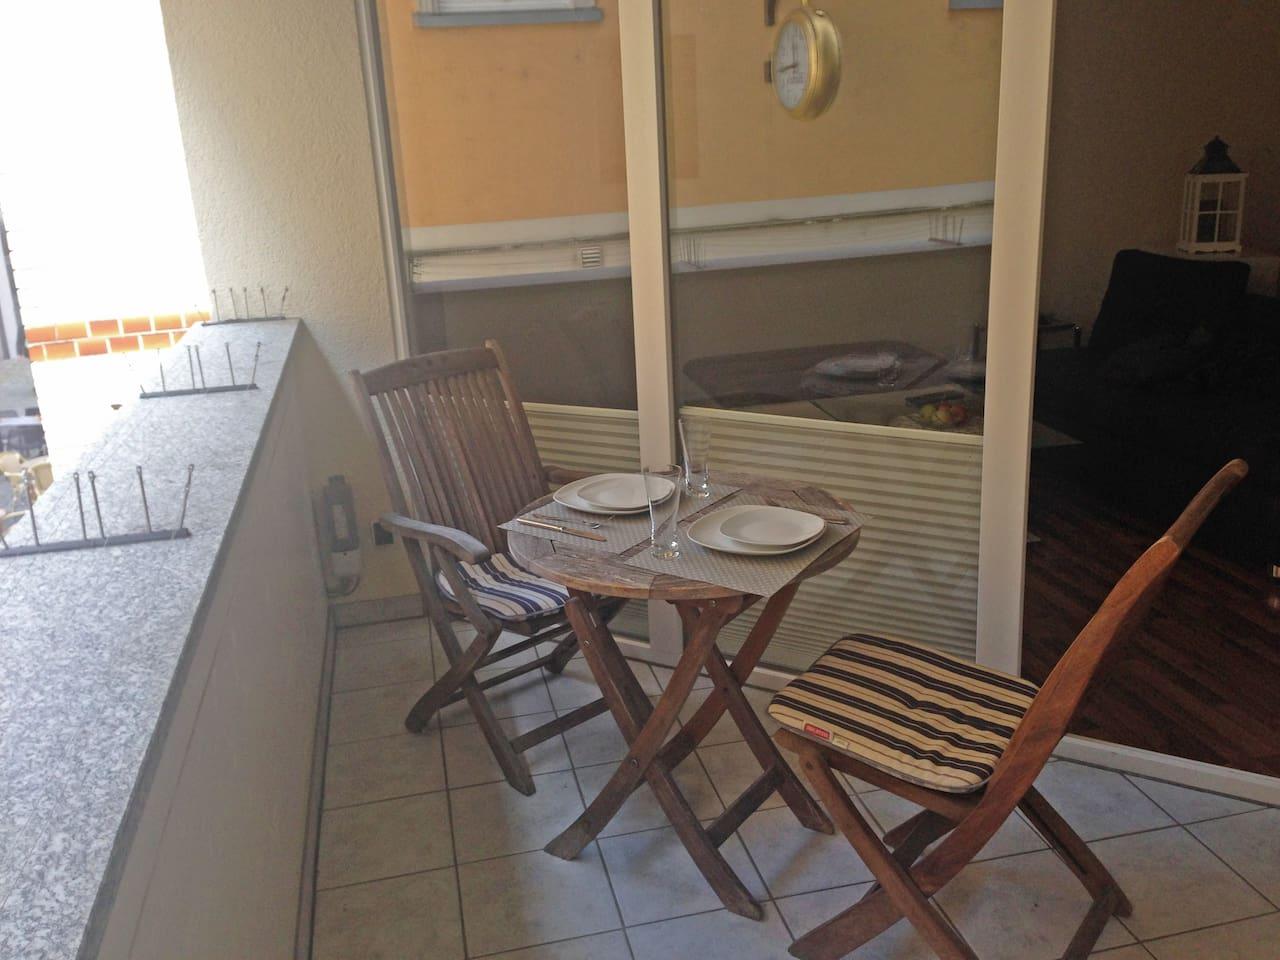 Balkon - Zugang vom Wohn- und Schlafzimmer